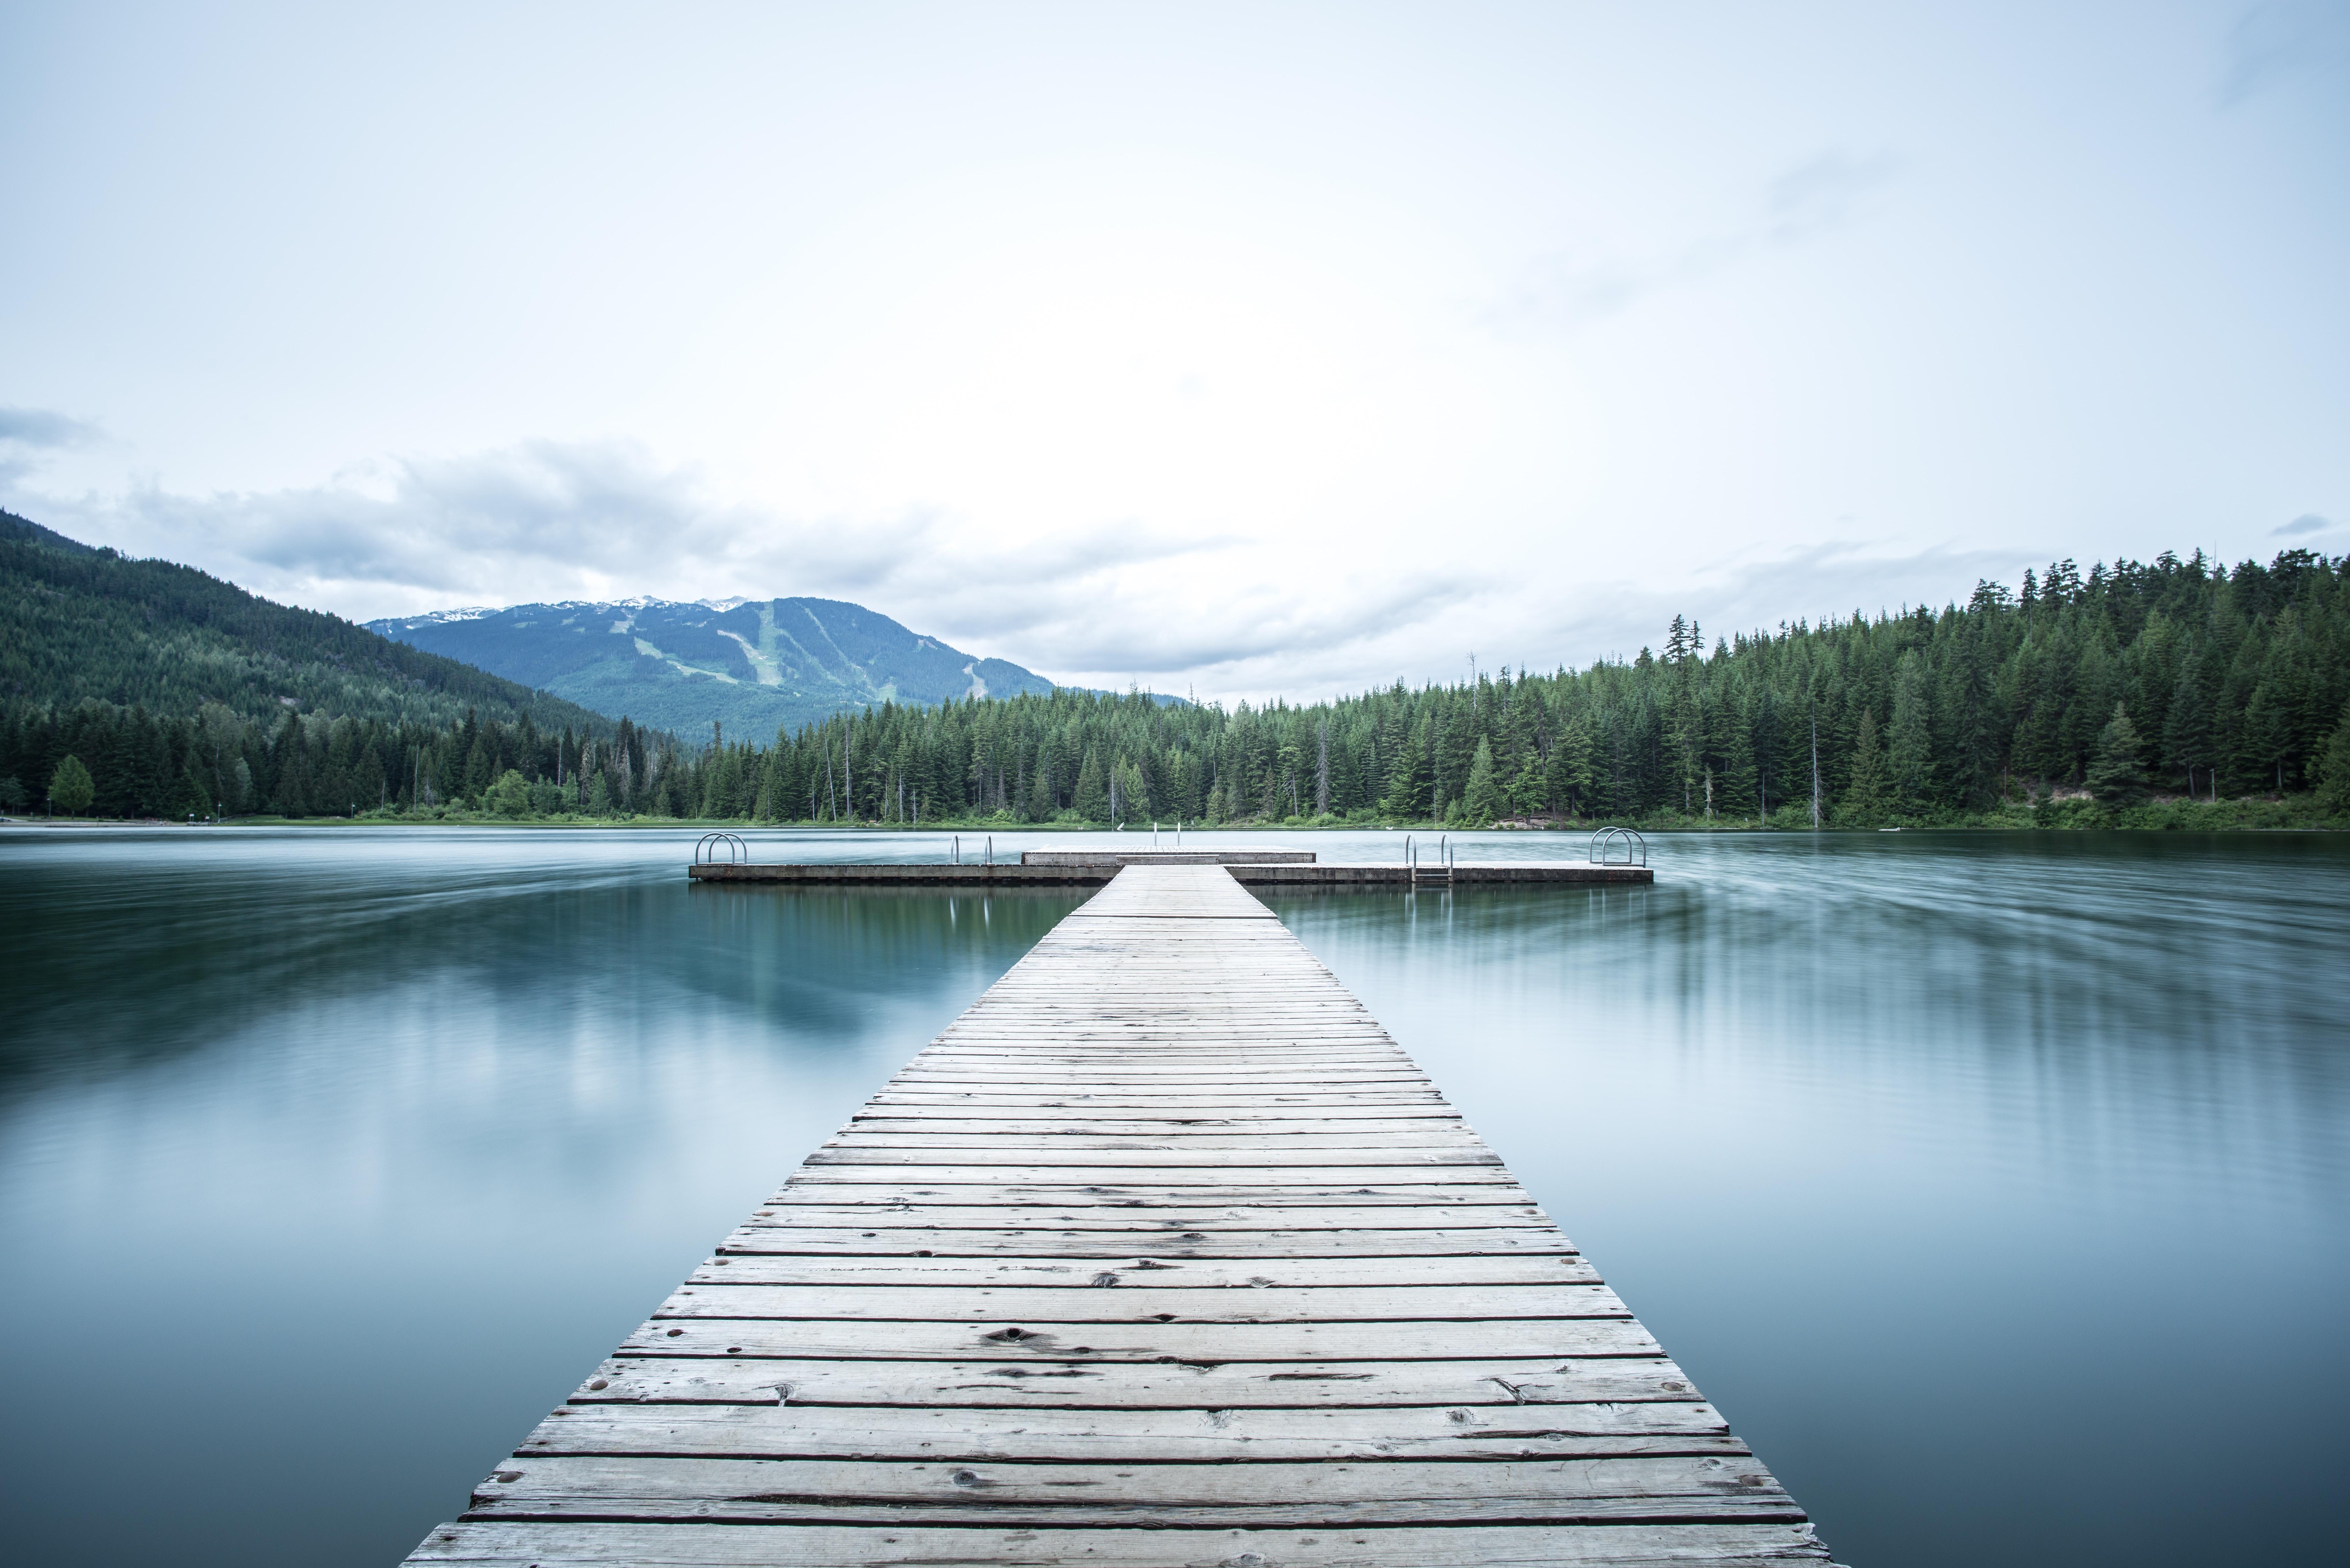 Long pier on a lake